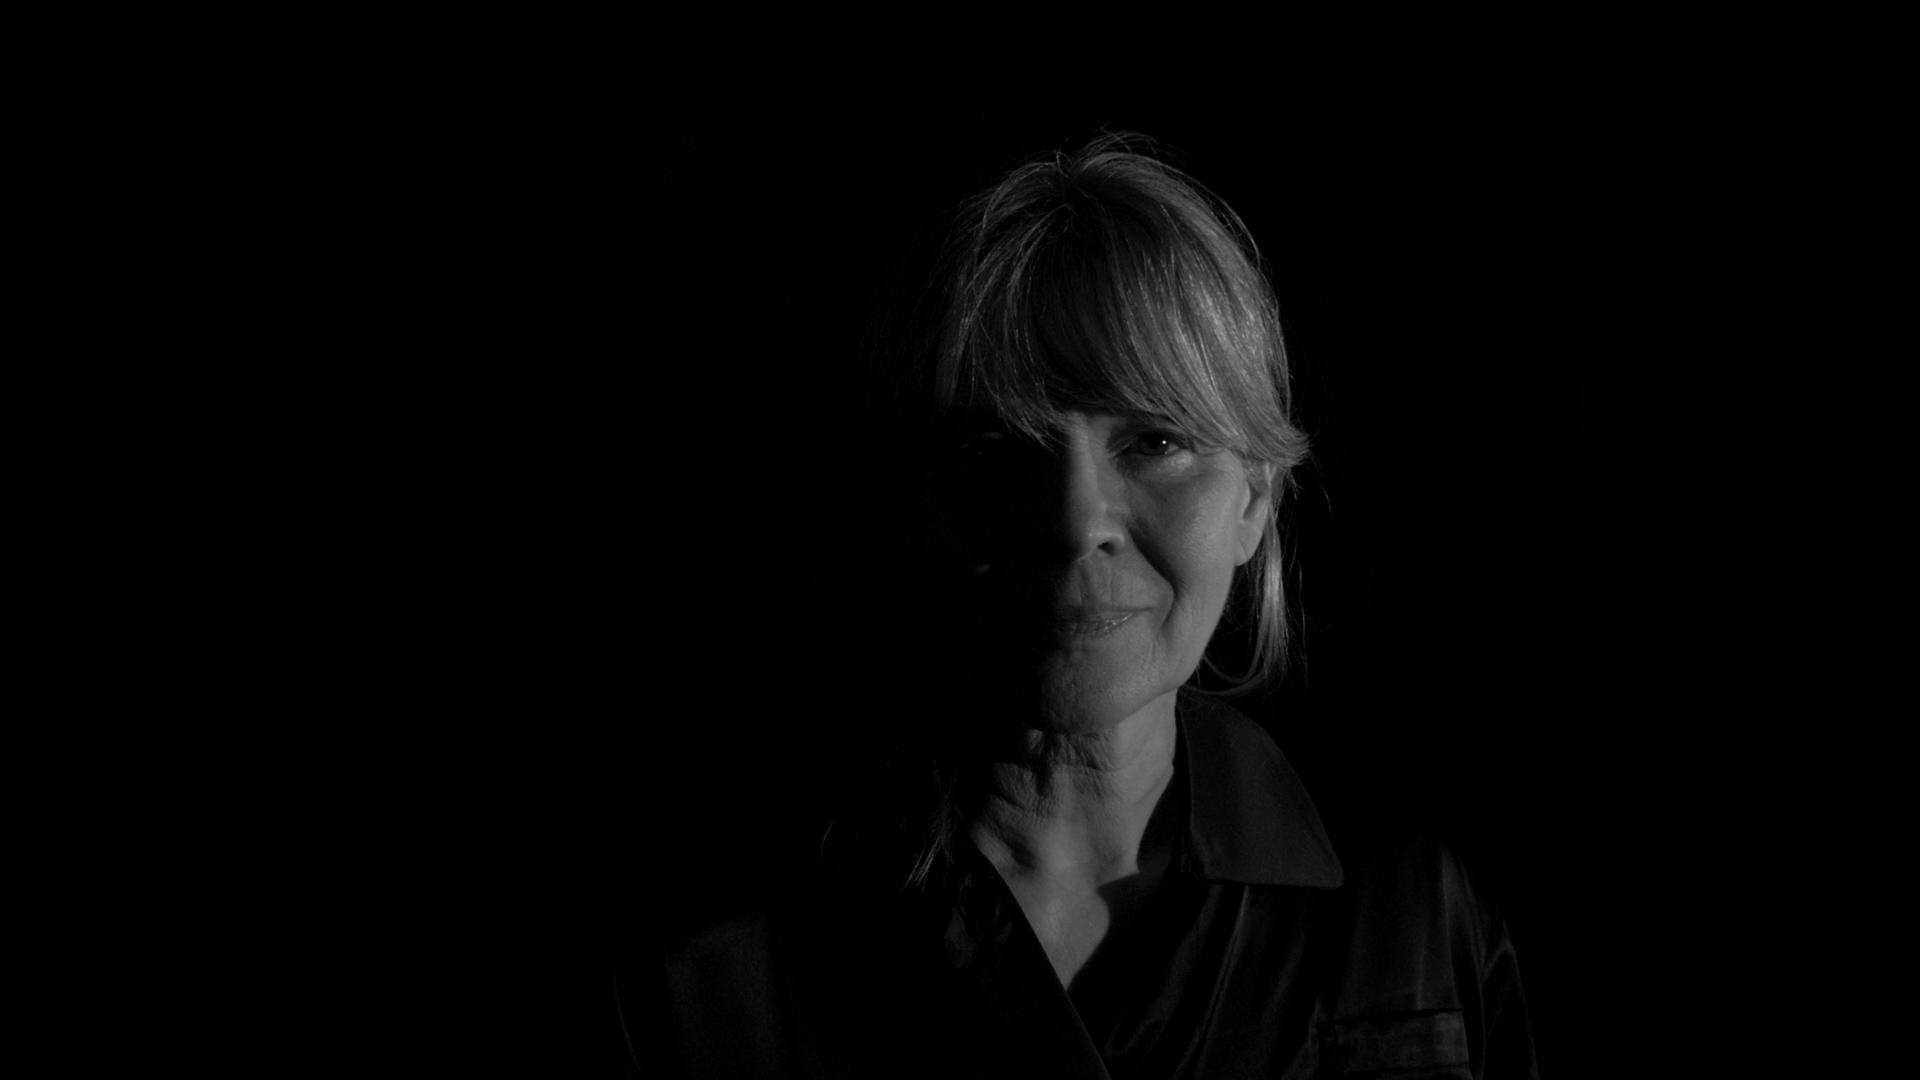 Skådespelare och projektledare. VD och konstnärlig ledare för Teater Halland 2008-2016. Född i Linköping.